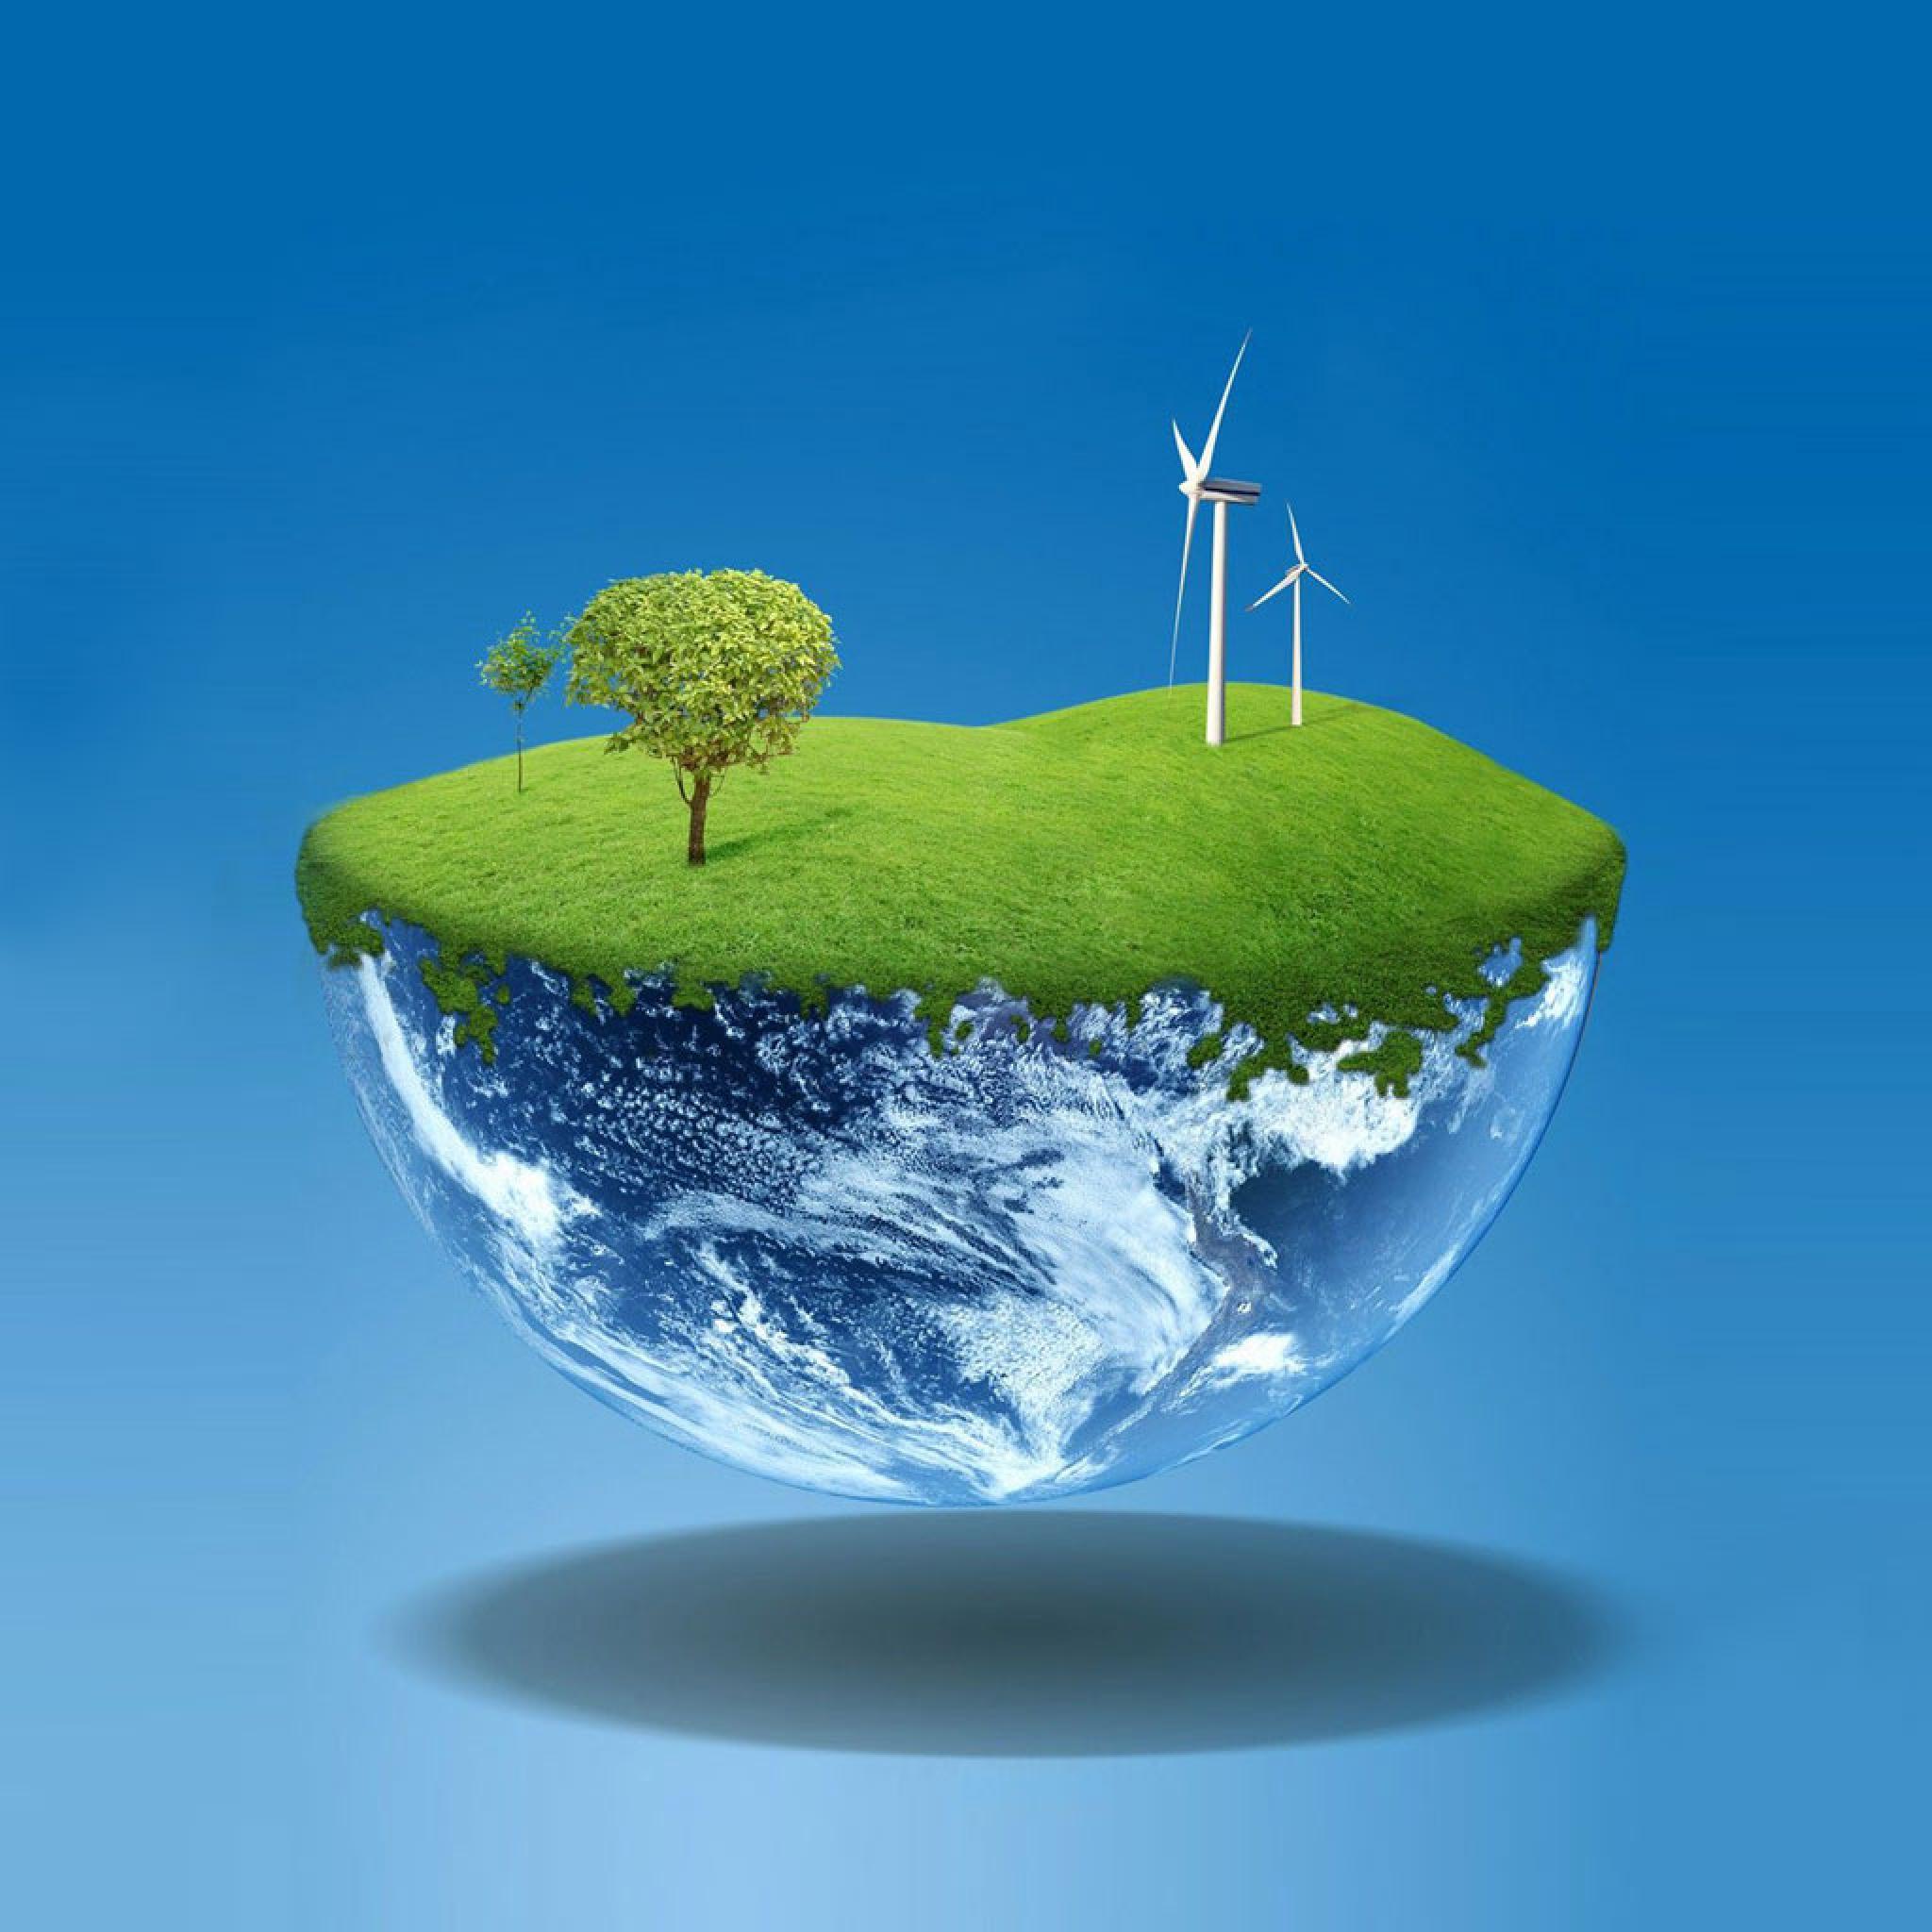 Vector   Green Eco Earth   iPad iPhone HD Wallpaper 2048x2048